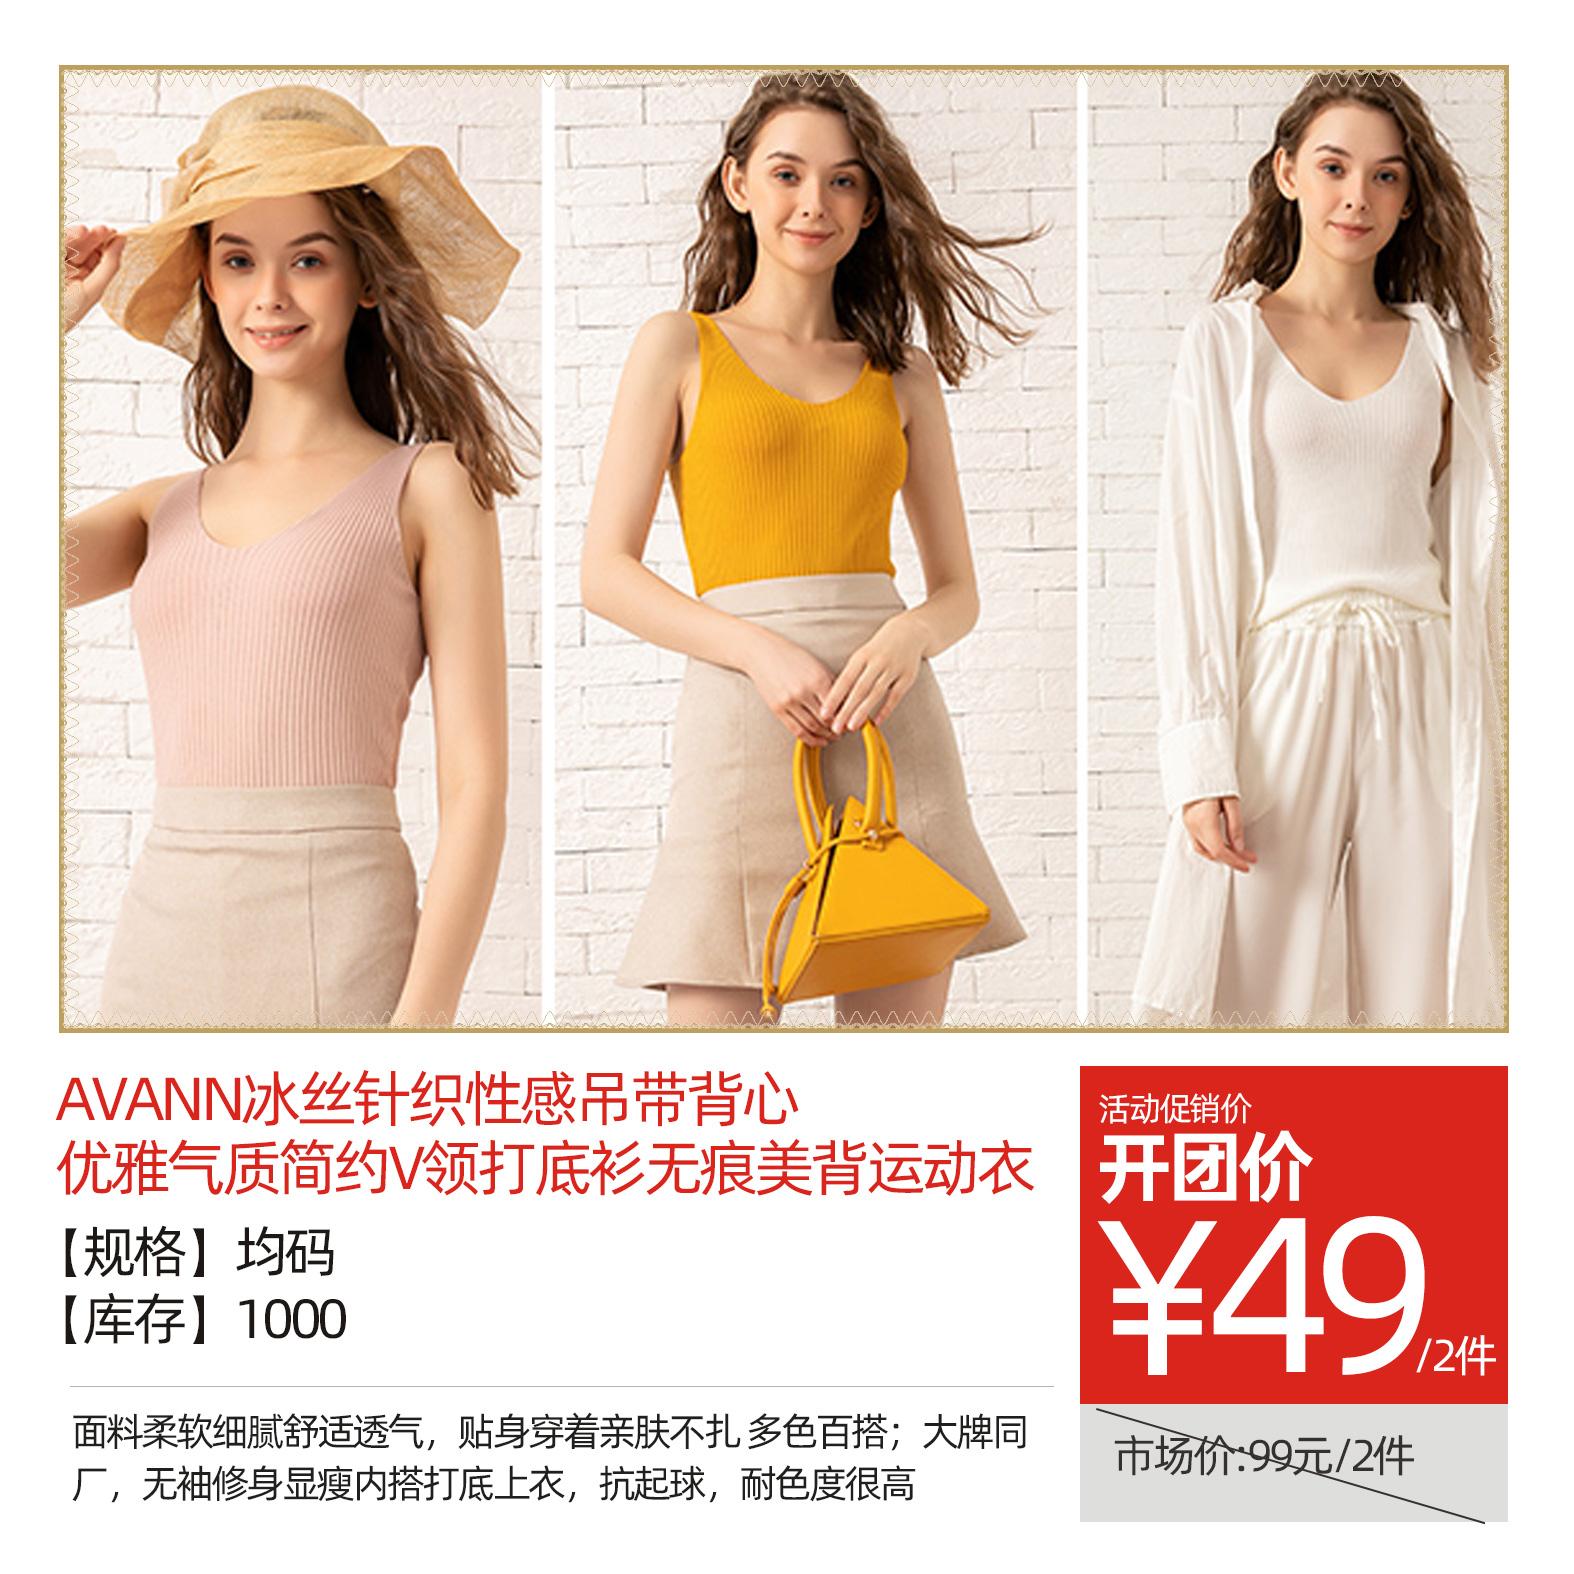 Avann冰丝针织性感吊带背心优雅气质简约V领打底衫无痕美背运动衣